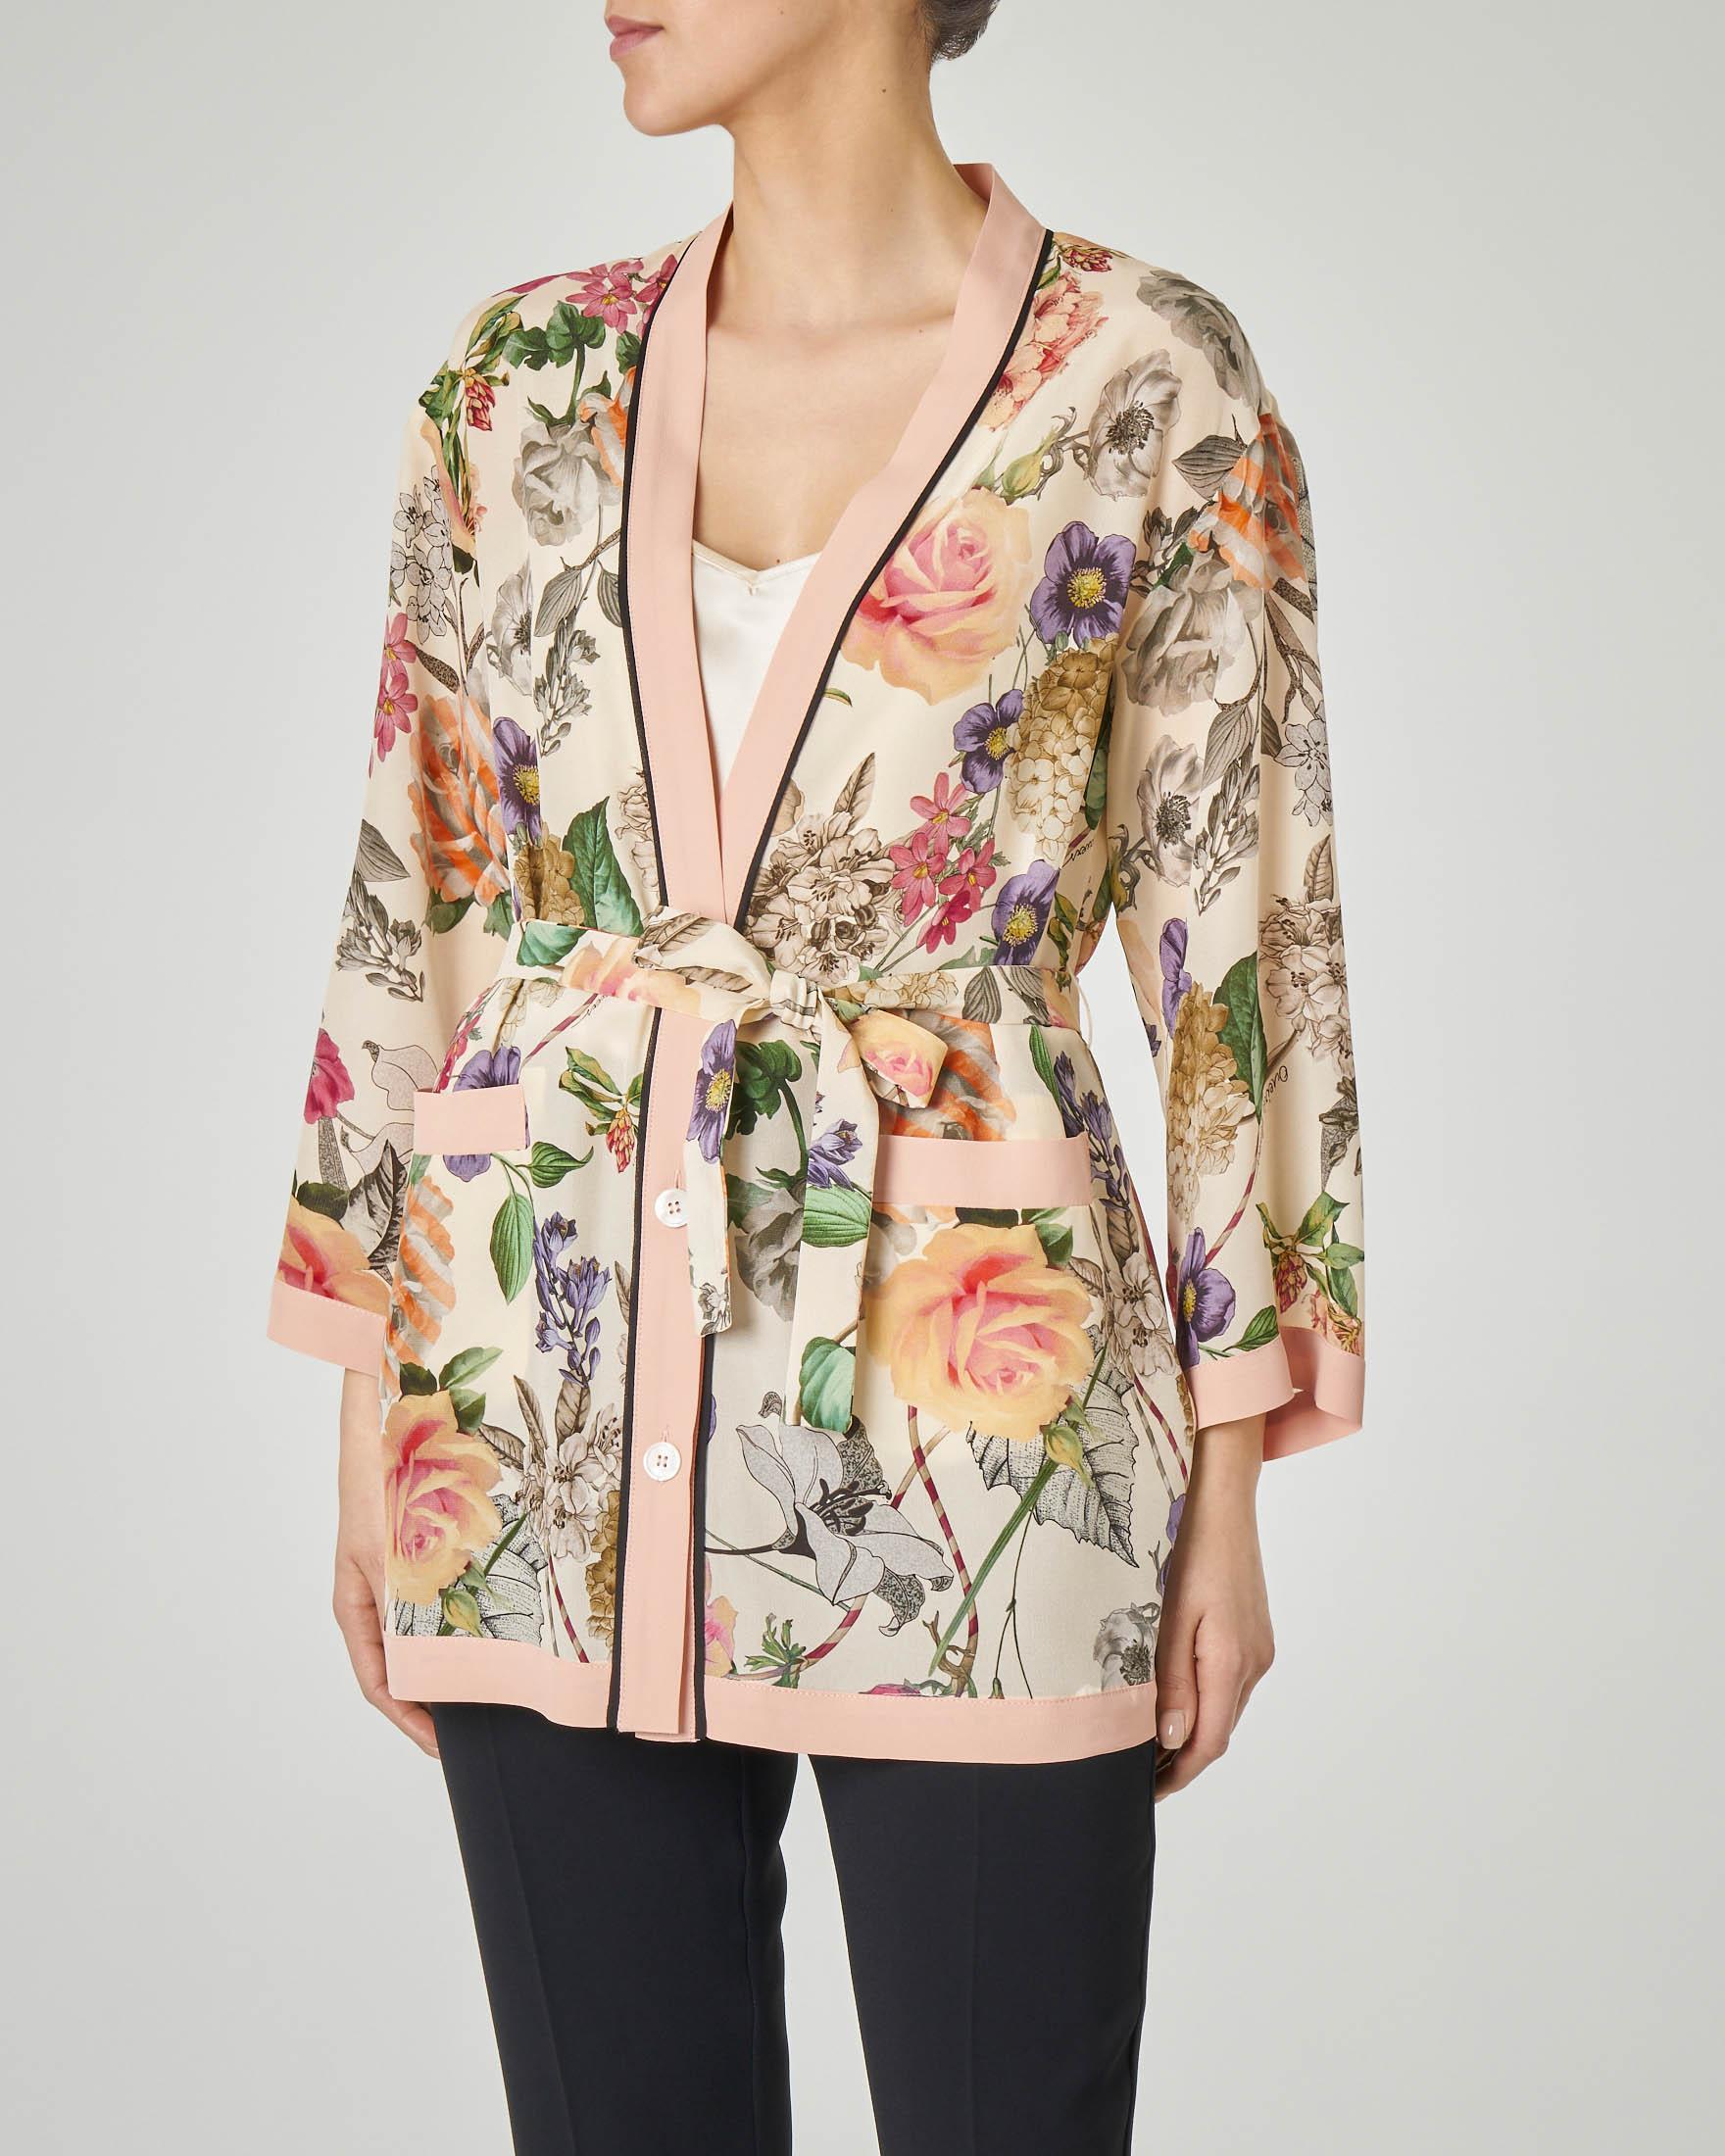 Casacca a kimono in seta beige a fantasia floreale con cintura in vita